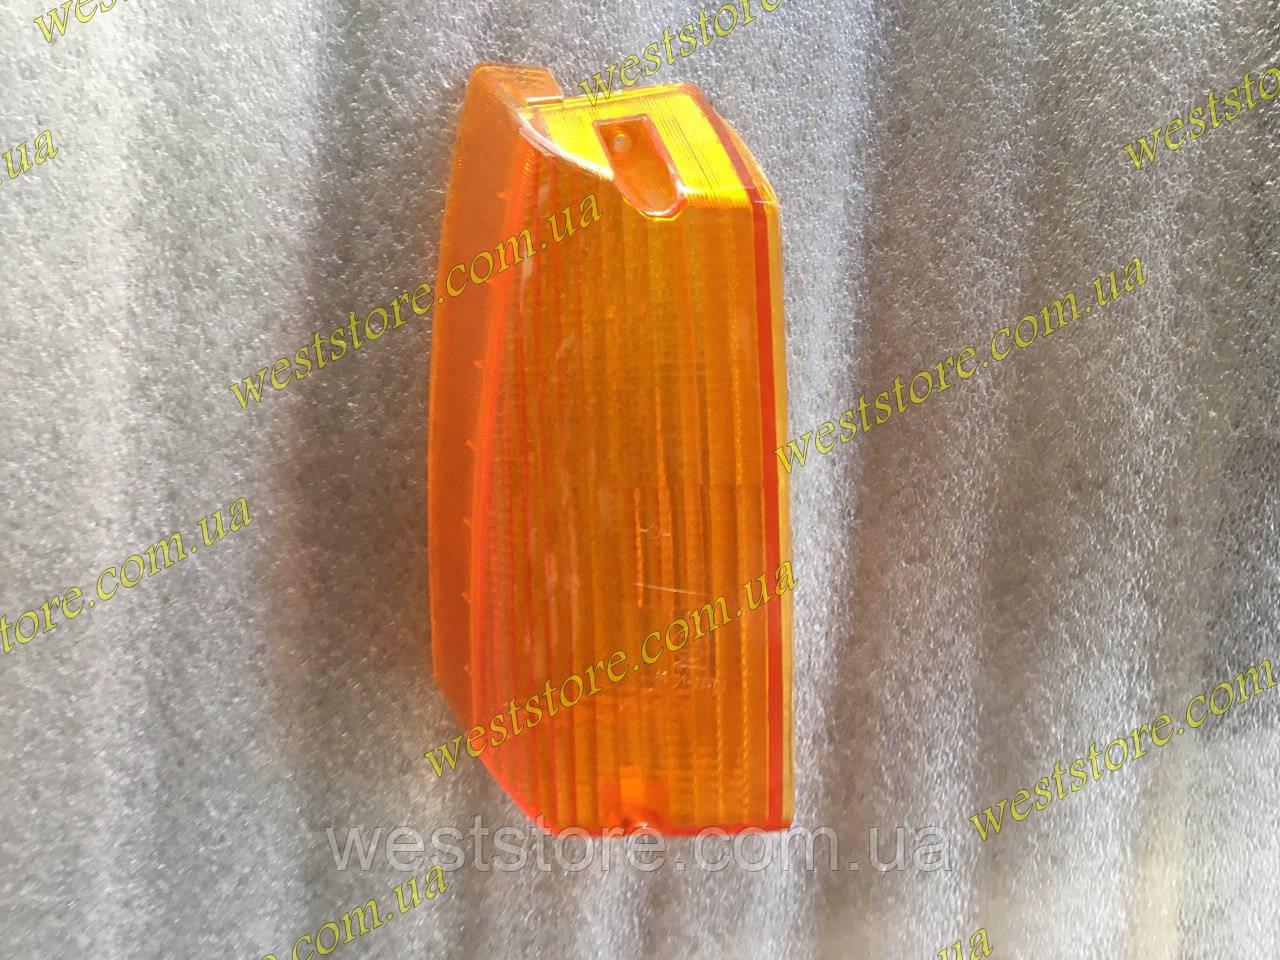 Рассеиватель поворотника (стекло) переднего Заз 1102,1103,1105 Таврия Славута  правый  желтый